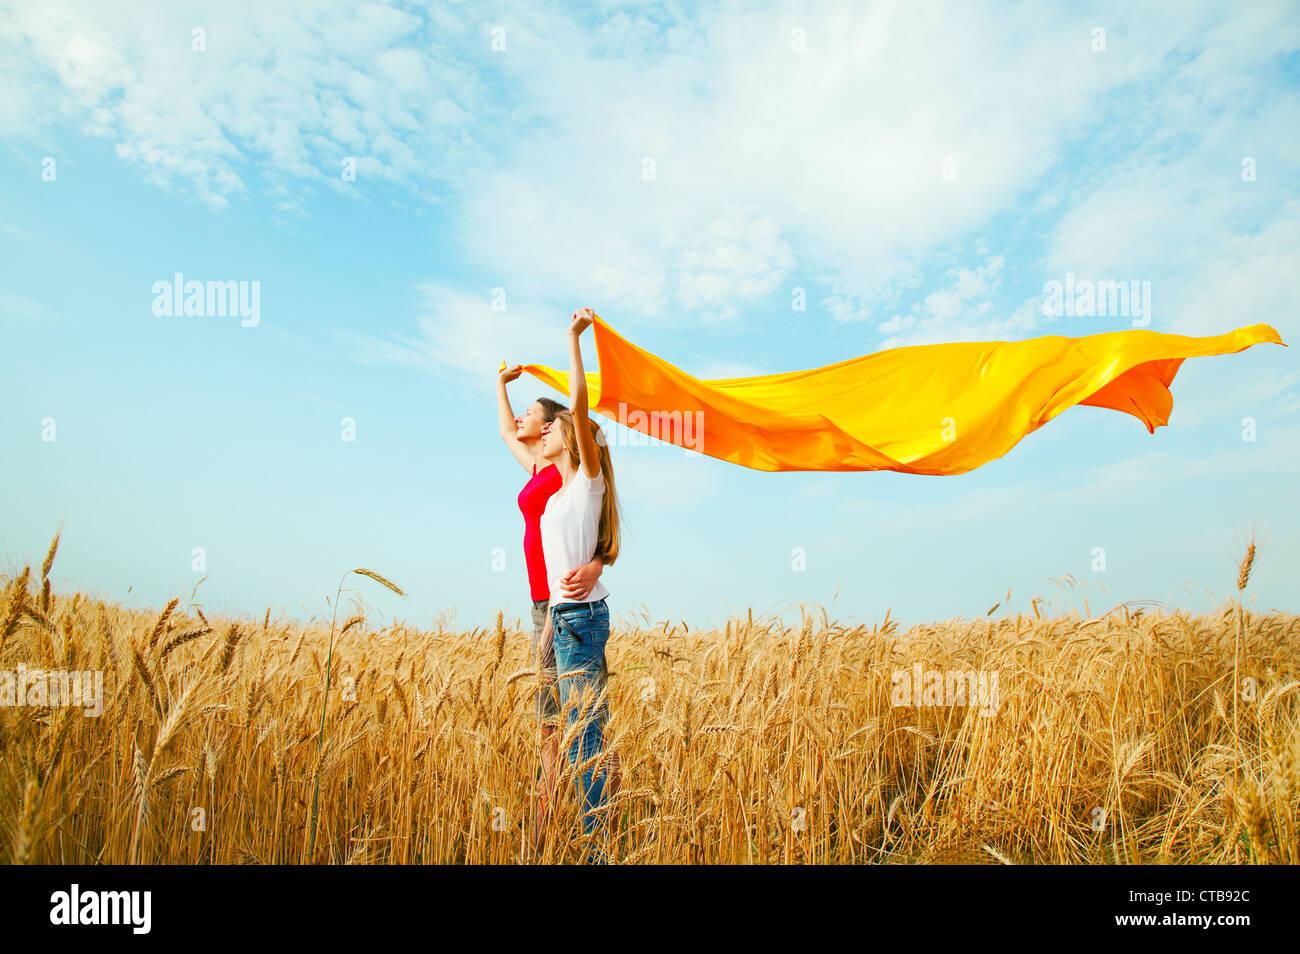 Las niñas adolescentes en un campo de trigo con tejido amarillo Imagen De Stock